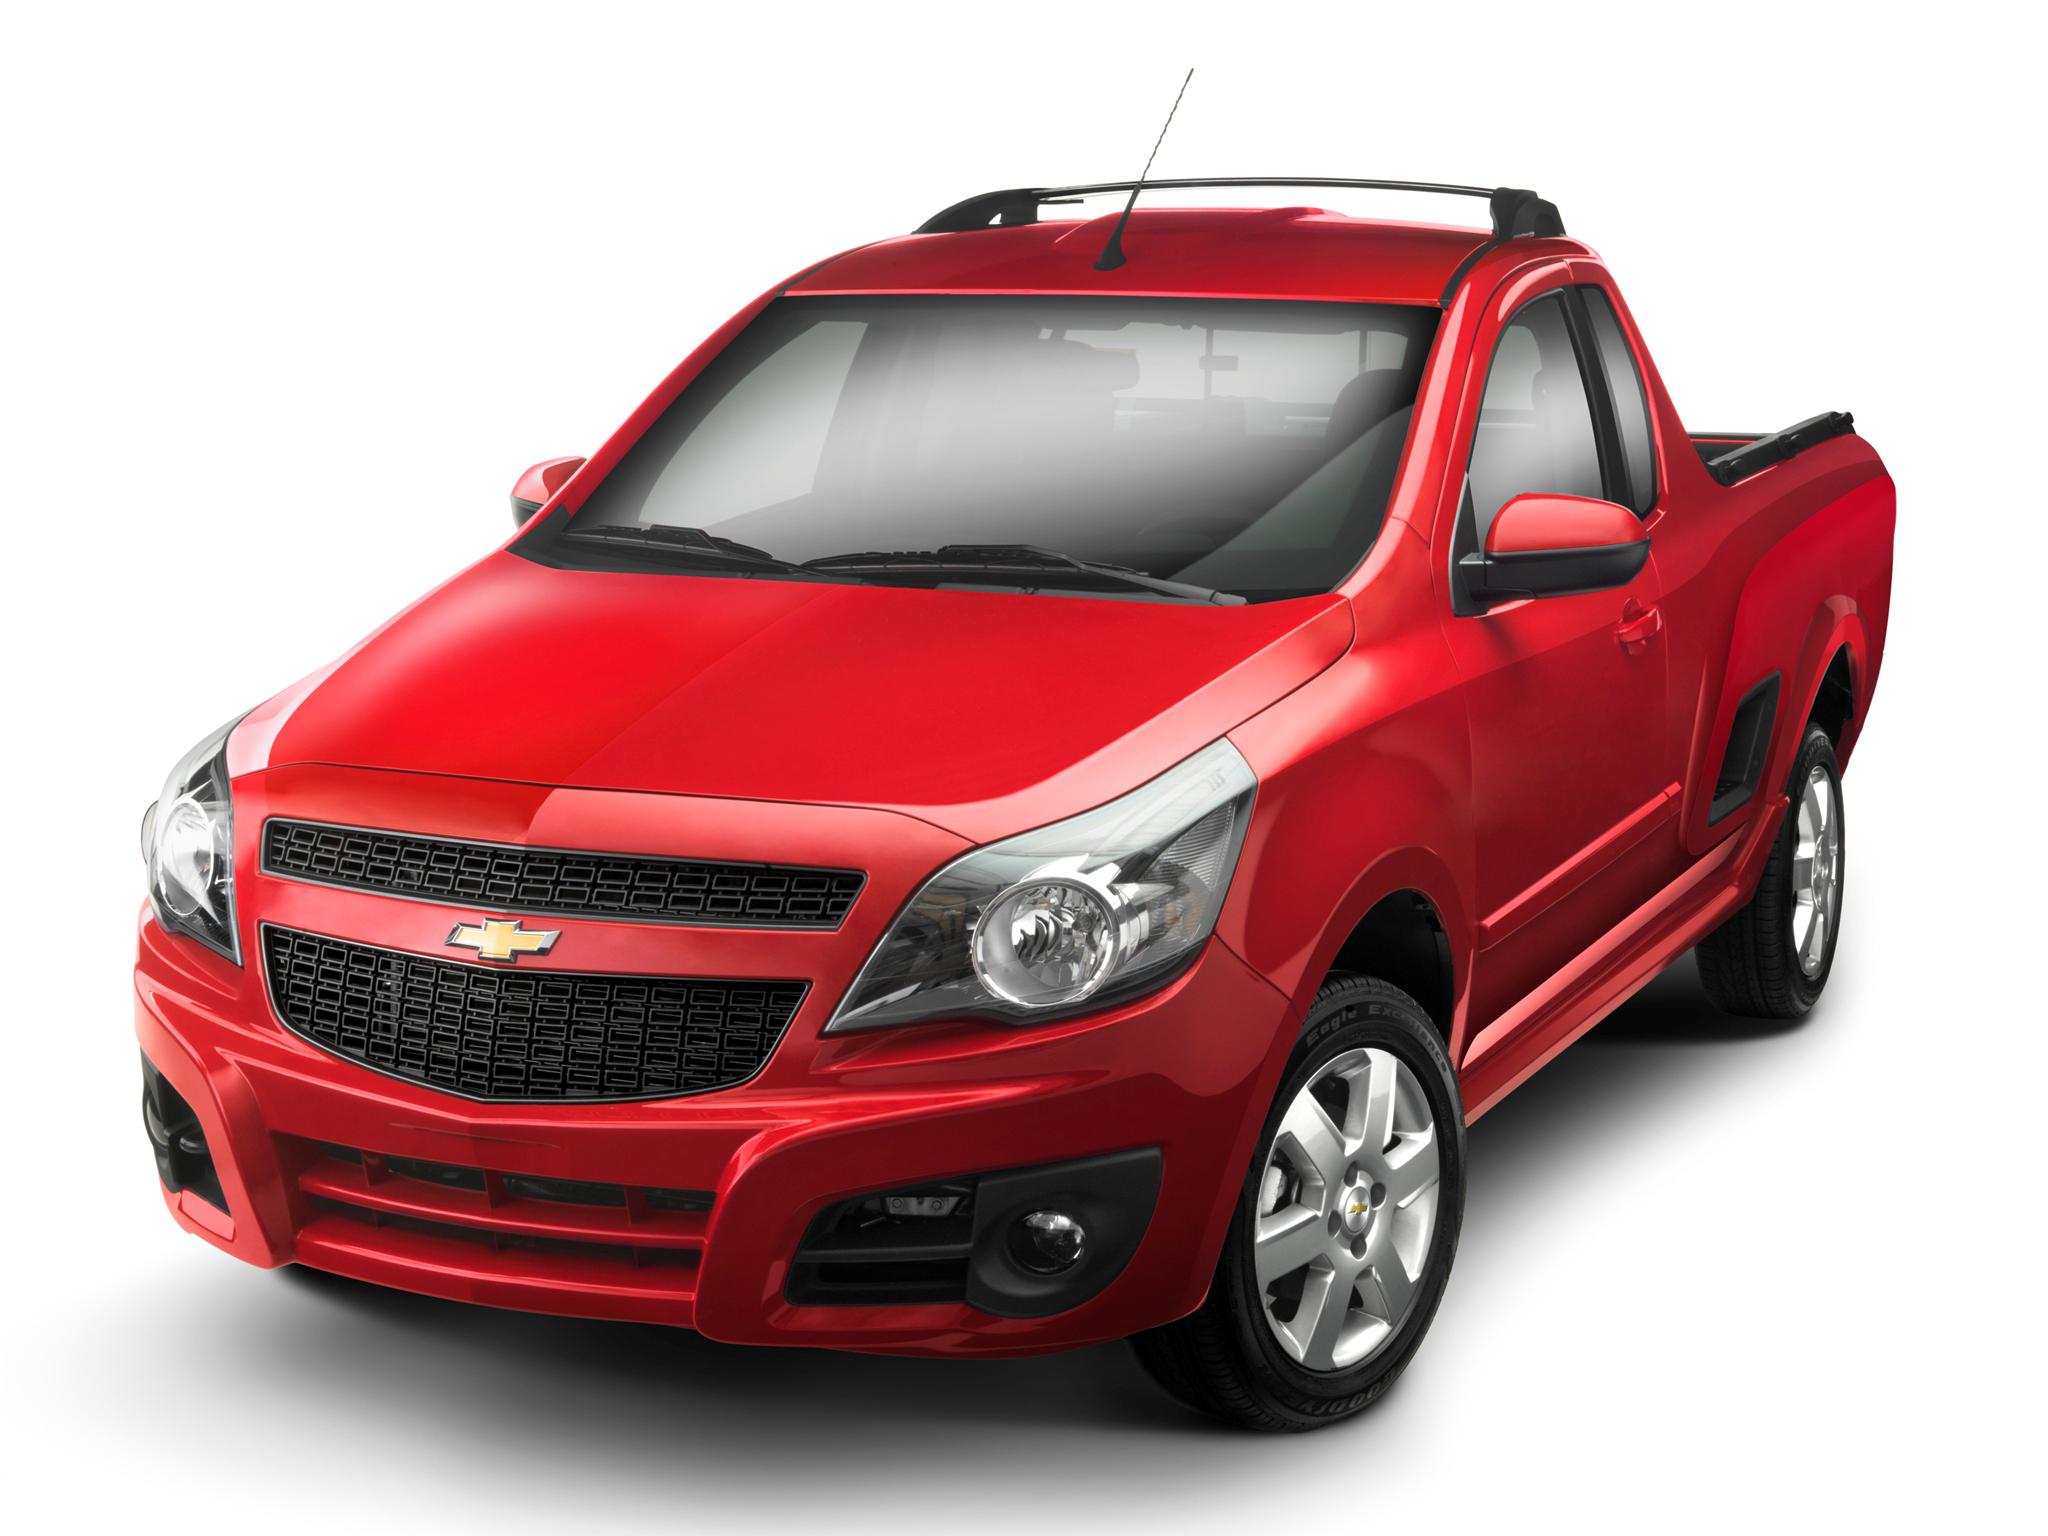 CHEVROLET TORNADO [USA] Standard Cab Pickup